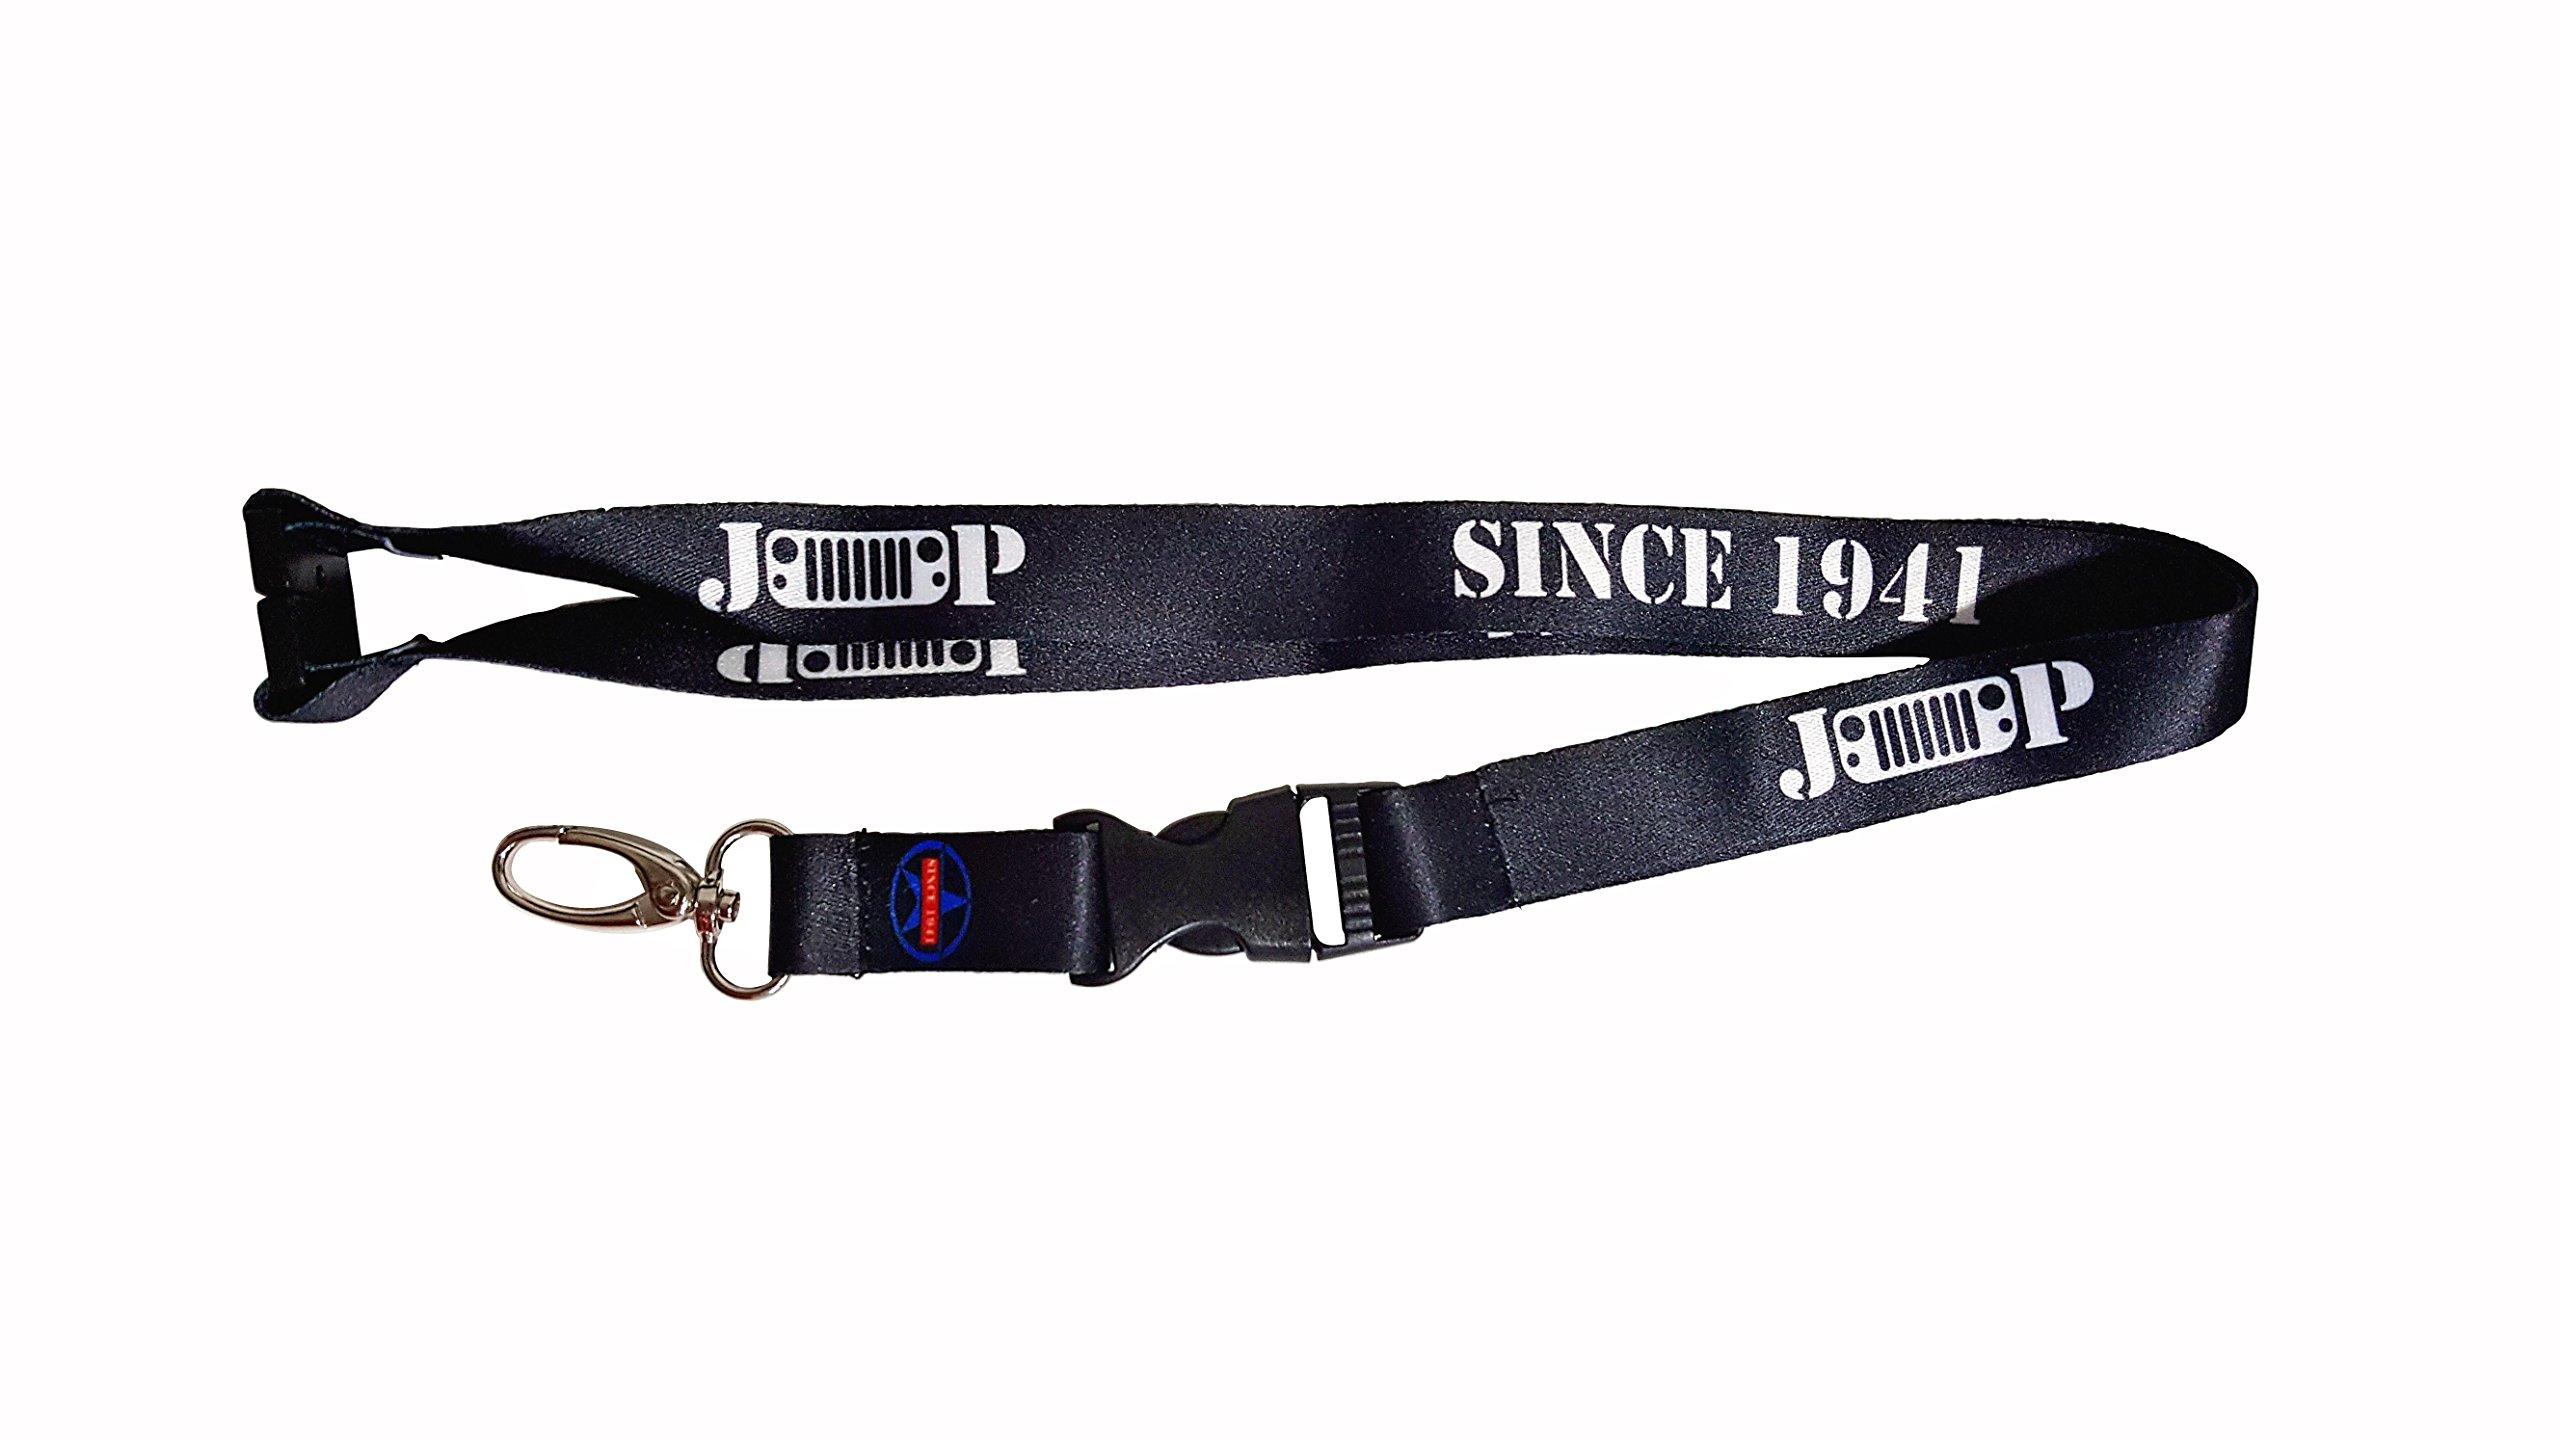 Since 1941 Lanyard Keychain Holder